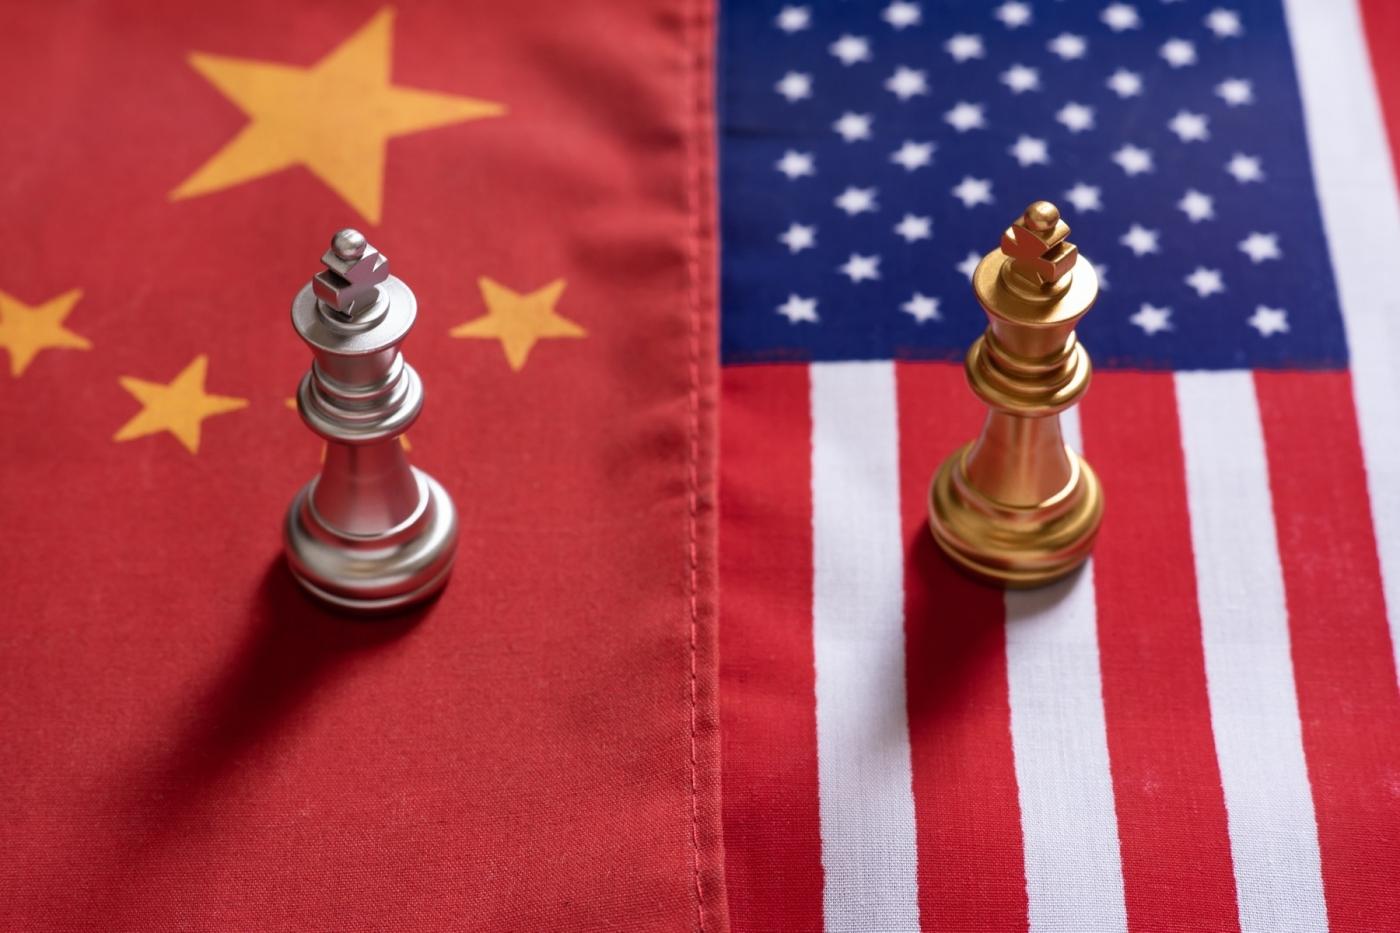 二度髮夾彎!紐交重啟中國三大電信商下市程序,阿里巴巴、騰訊可能是下個目標